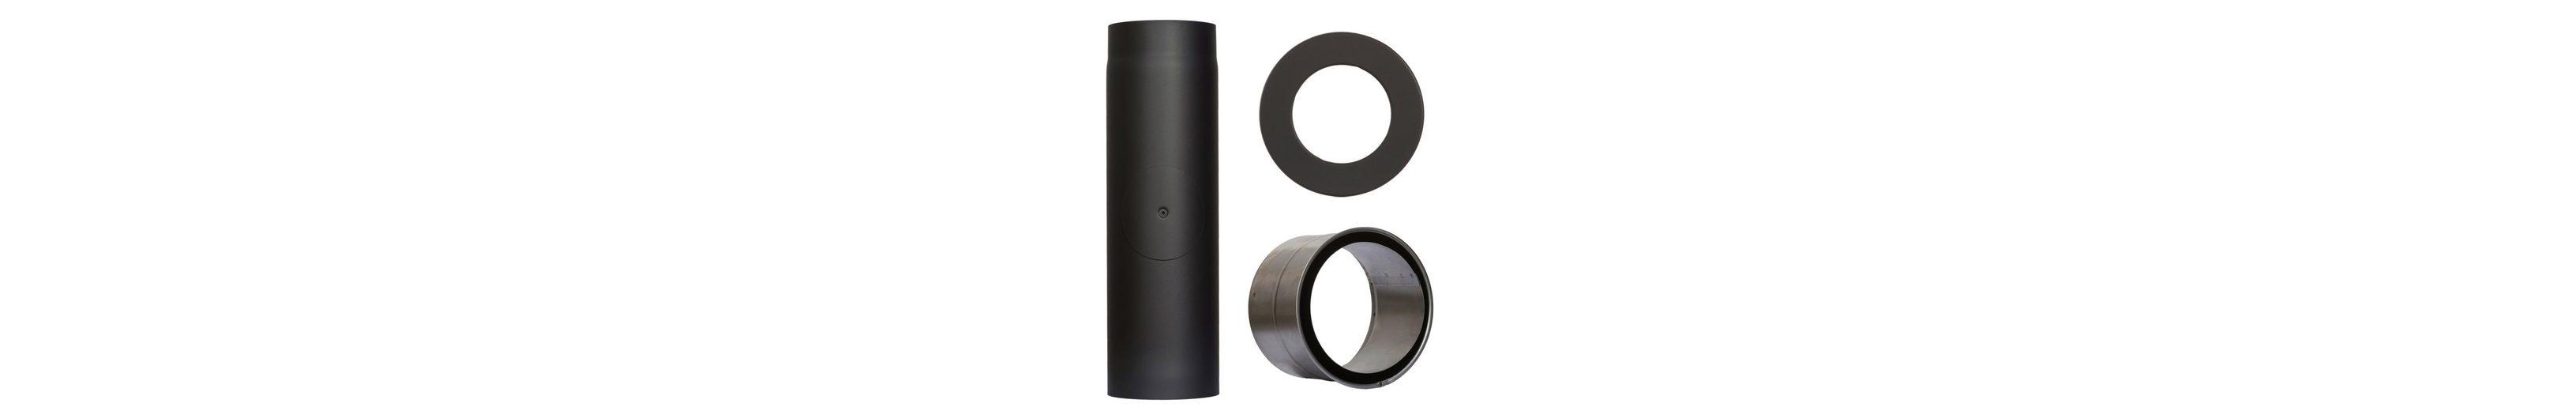 Rauchrohr »Set 350 mm Länge in Schwarz«, Ø 130 mm, Ofenrohr für Kaminöfen